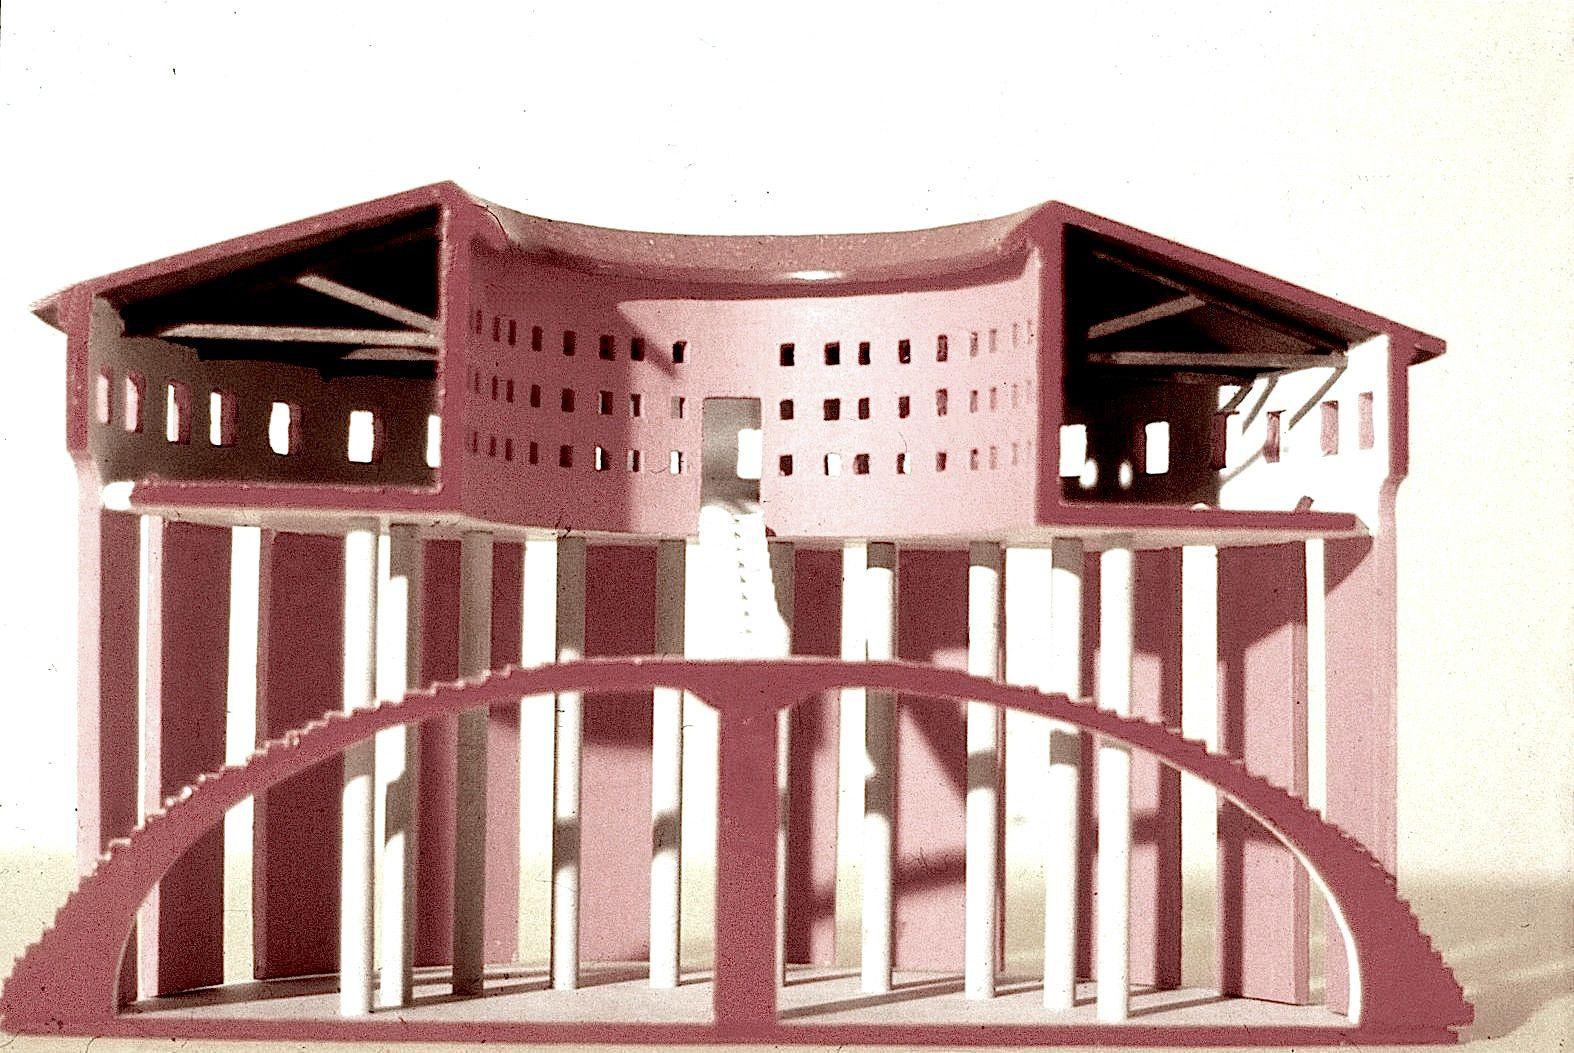 1984  PER LA PIAZZA DI BADOERE modello h. 15 cm.  Biennale di Venezia_by Brunetto De Batté & Giovanna Santinolli con Mario Panizza